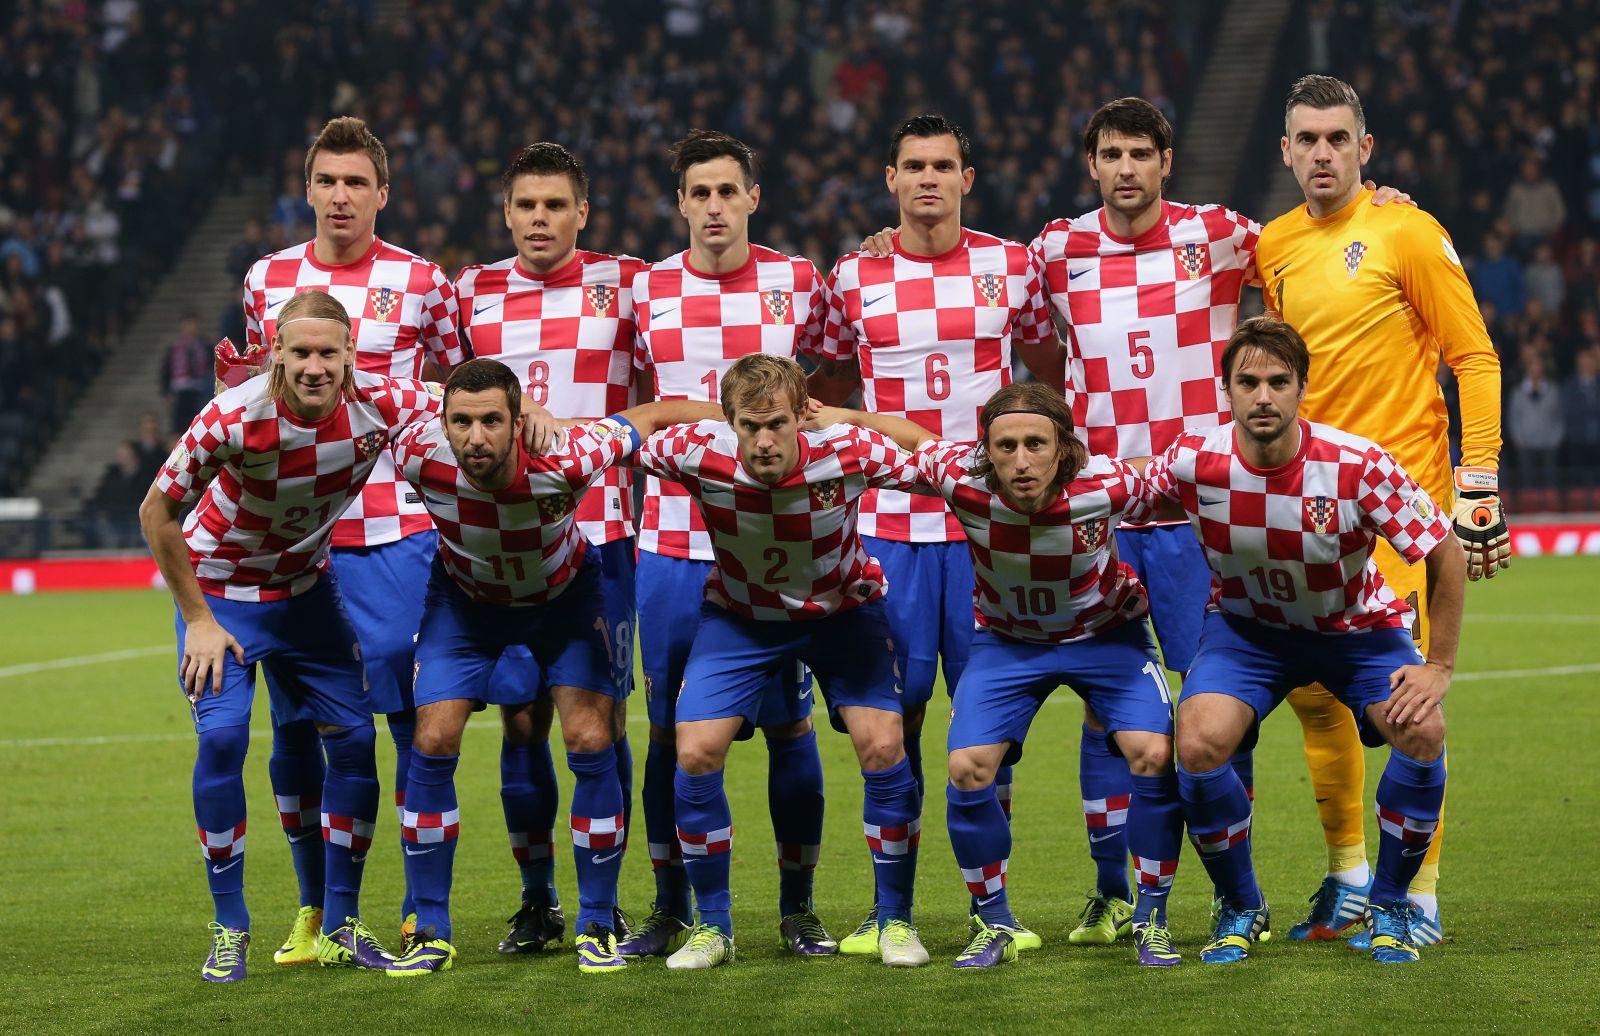 фото сборной хорватии по футболу это